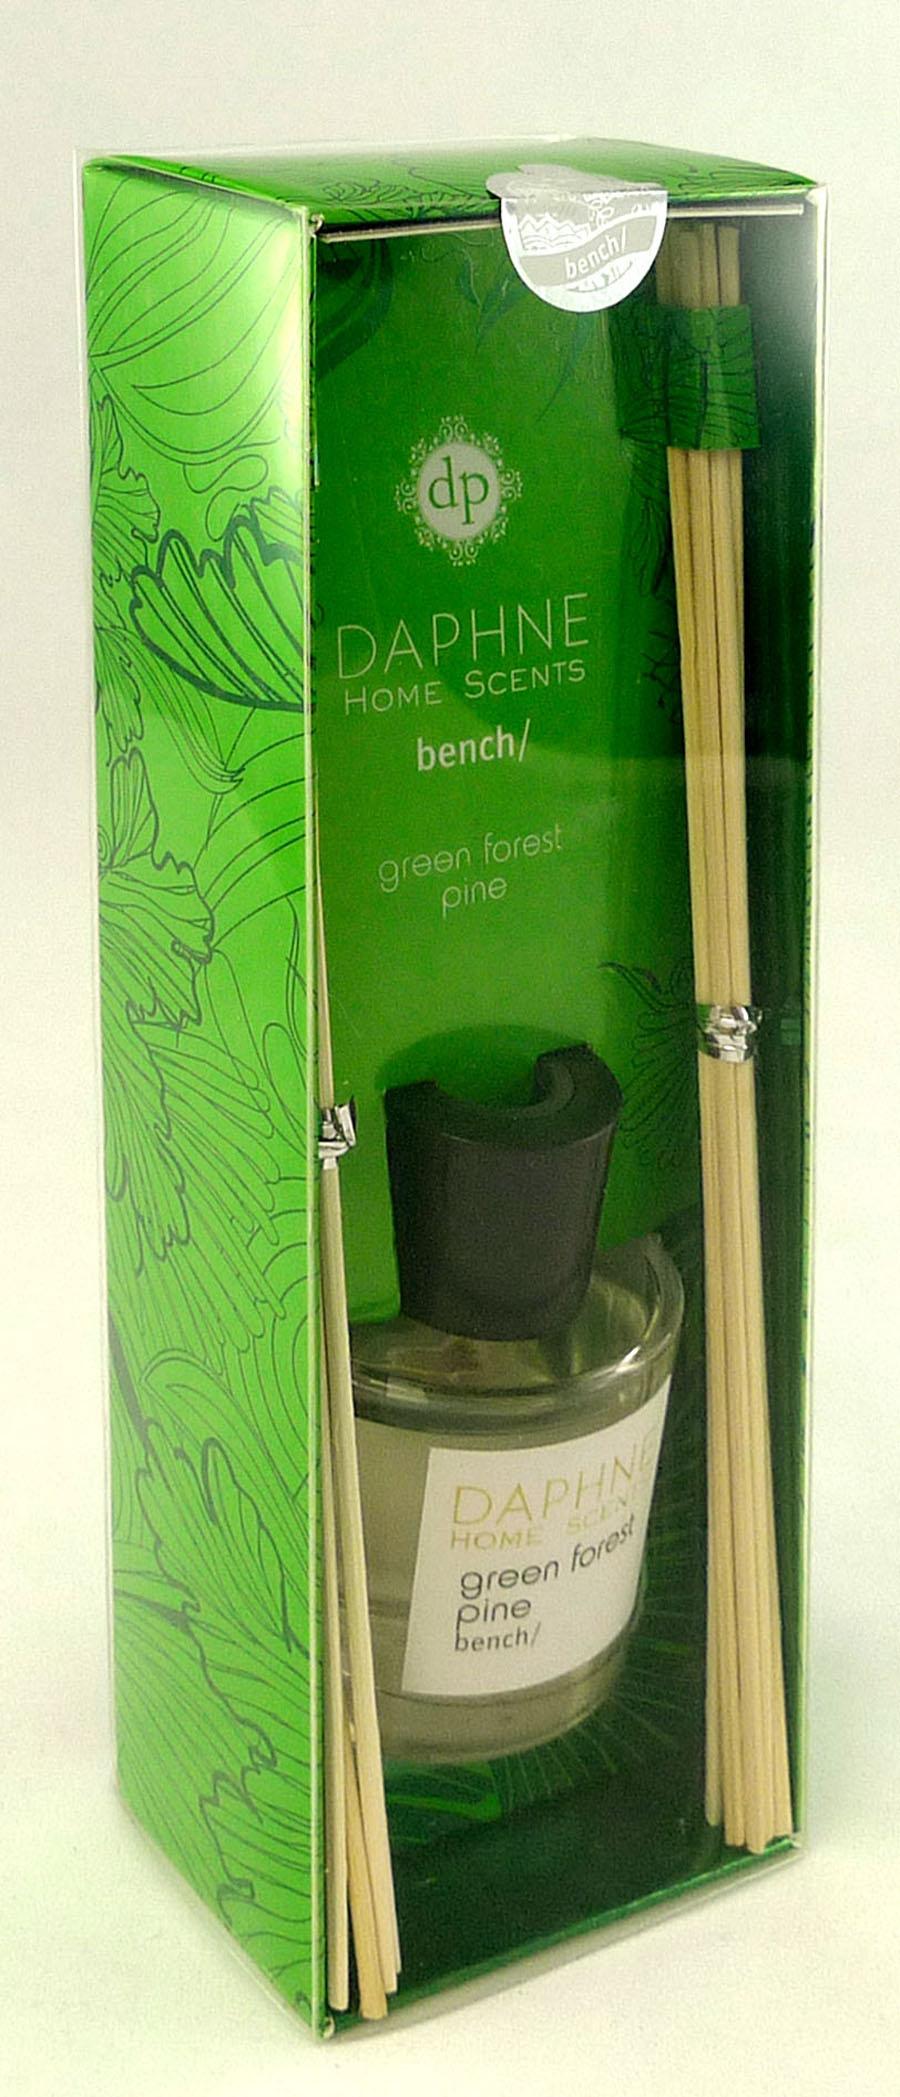 daphne forest pine (1)